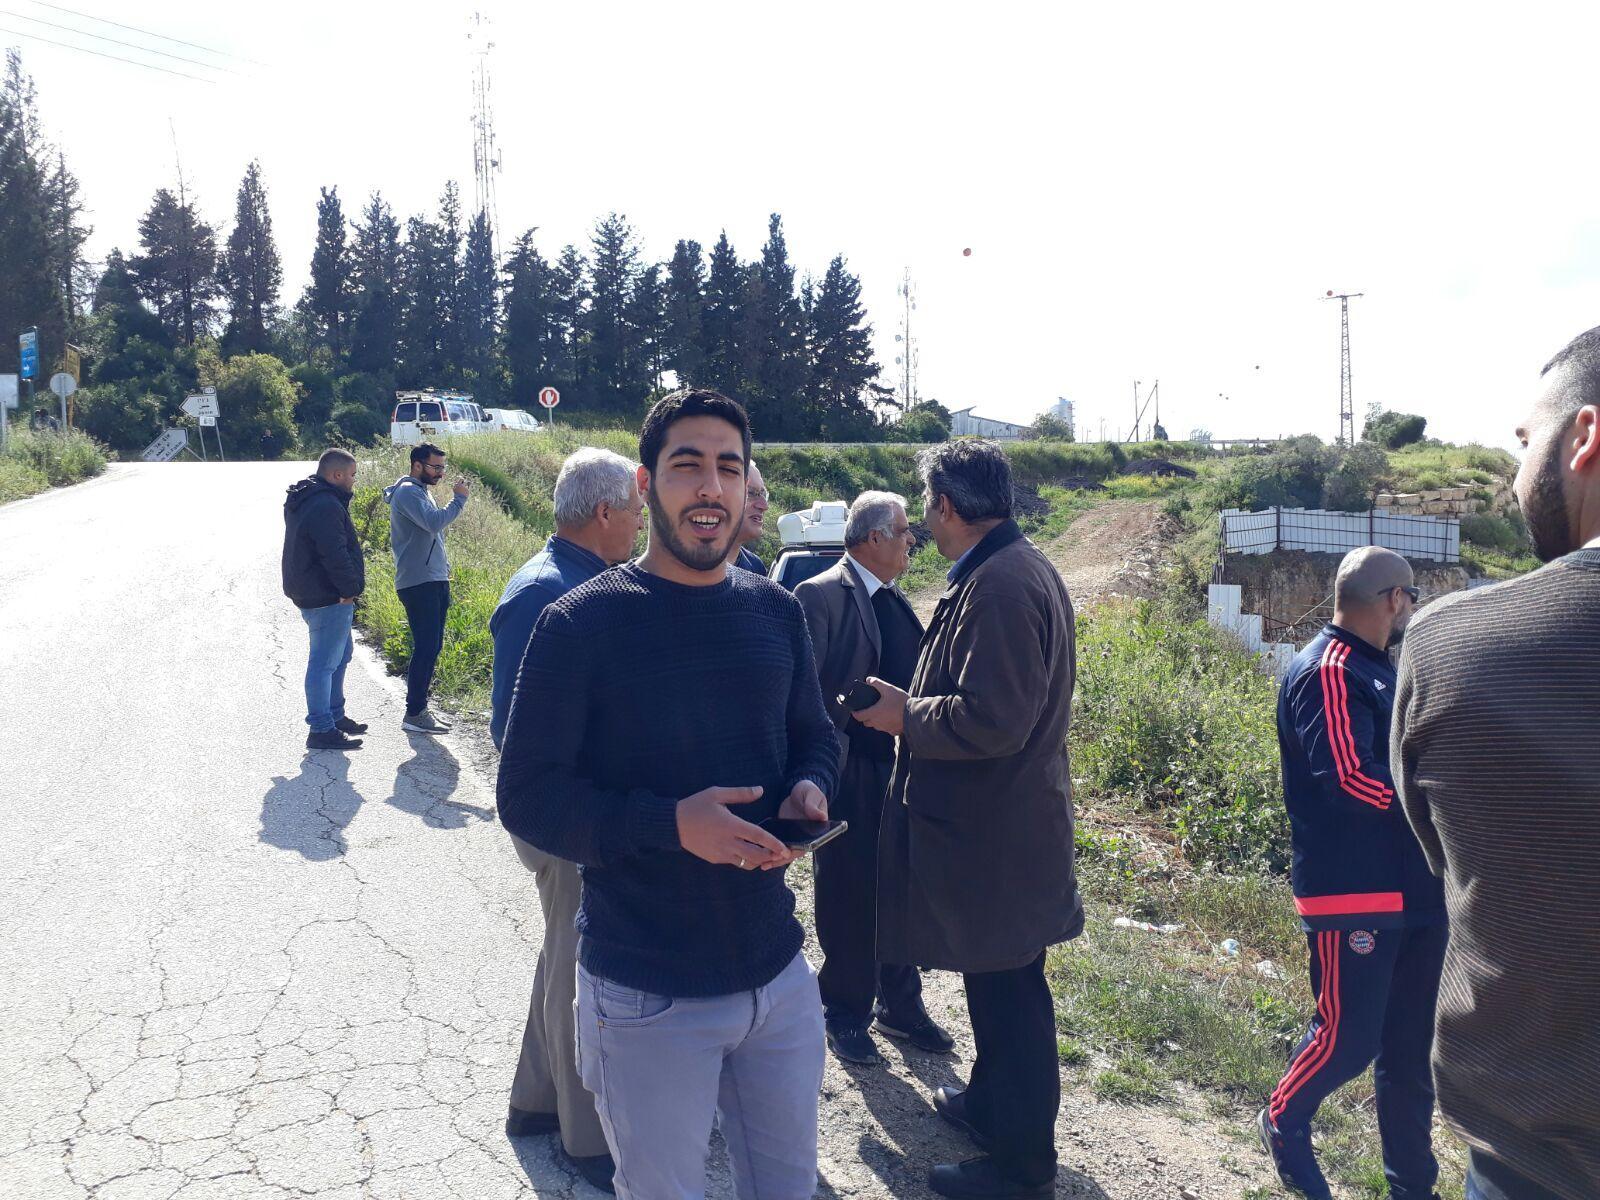 أم الفحم: العشرات يتجمعون تصديا لتظاهرة المتطرفين اليهود الاستفزازية